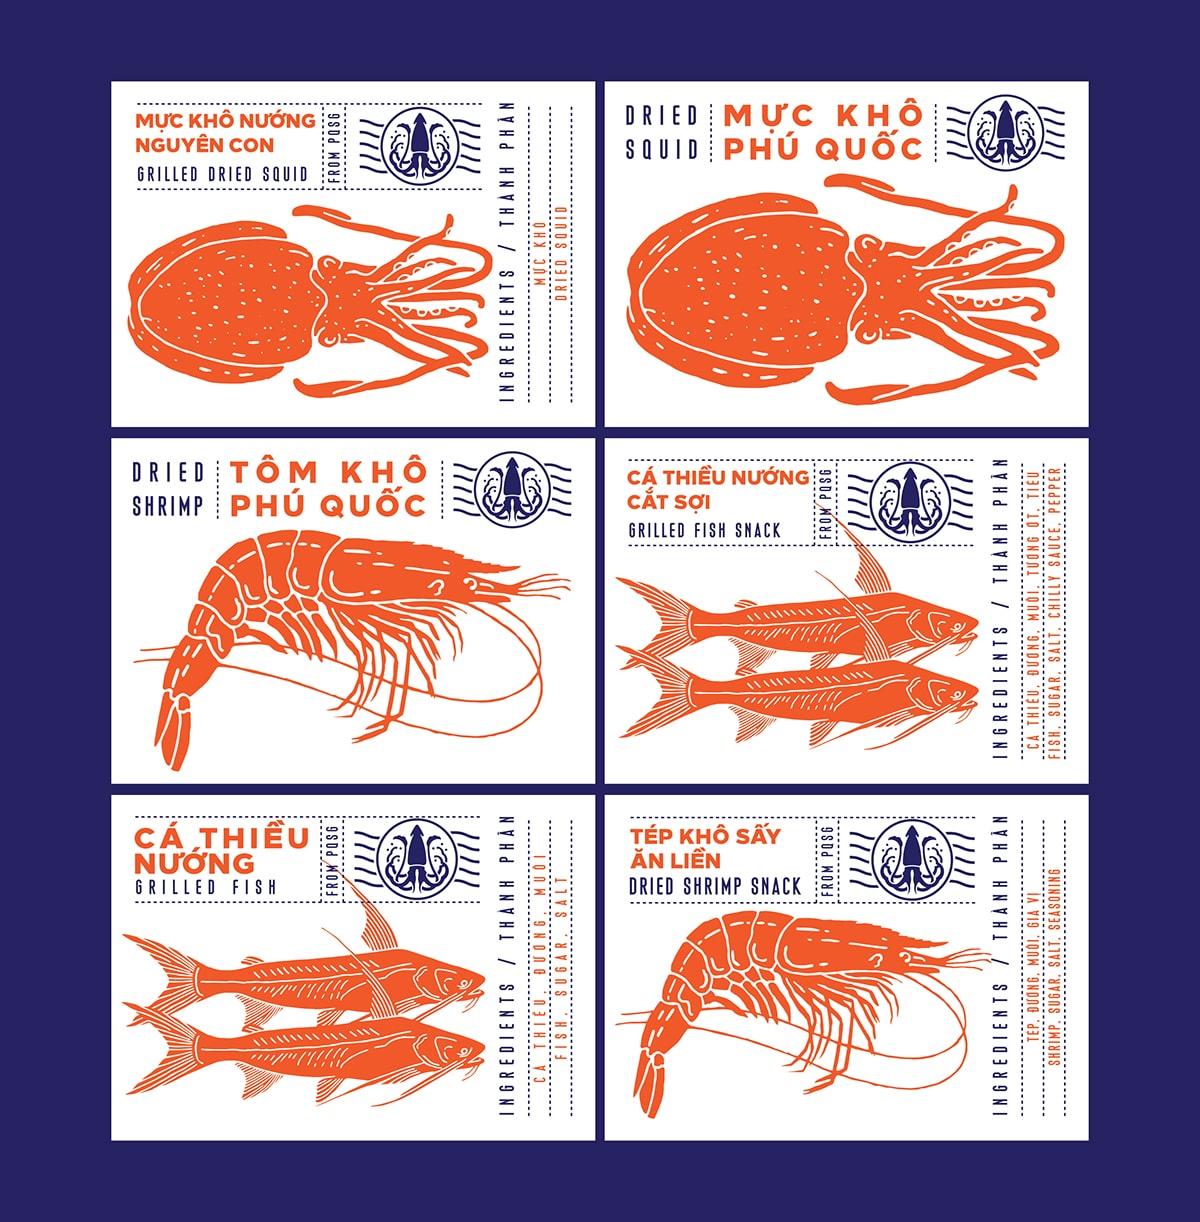 Nội dung ghi trên tem mác, nhãn dán sản phẩm